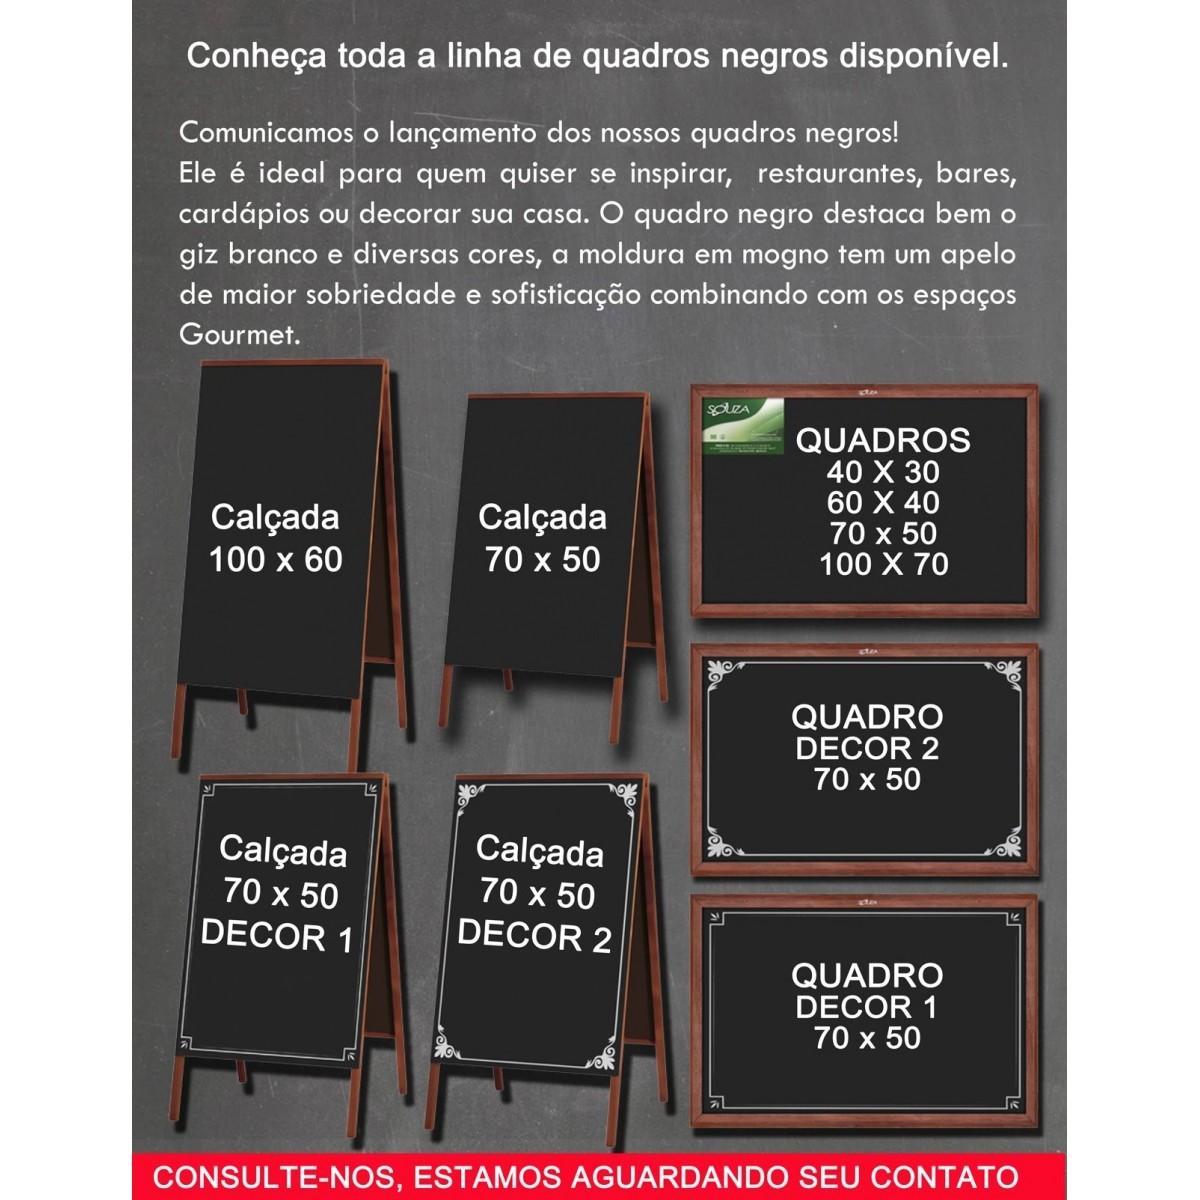 Quadro Negro Cavalete de Calçada Em Madeira Cor Mogno 70 X 50 cm Referência 2120